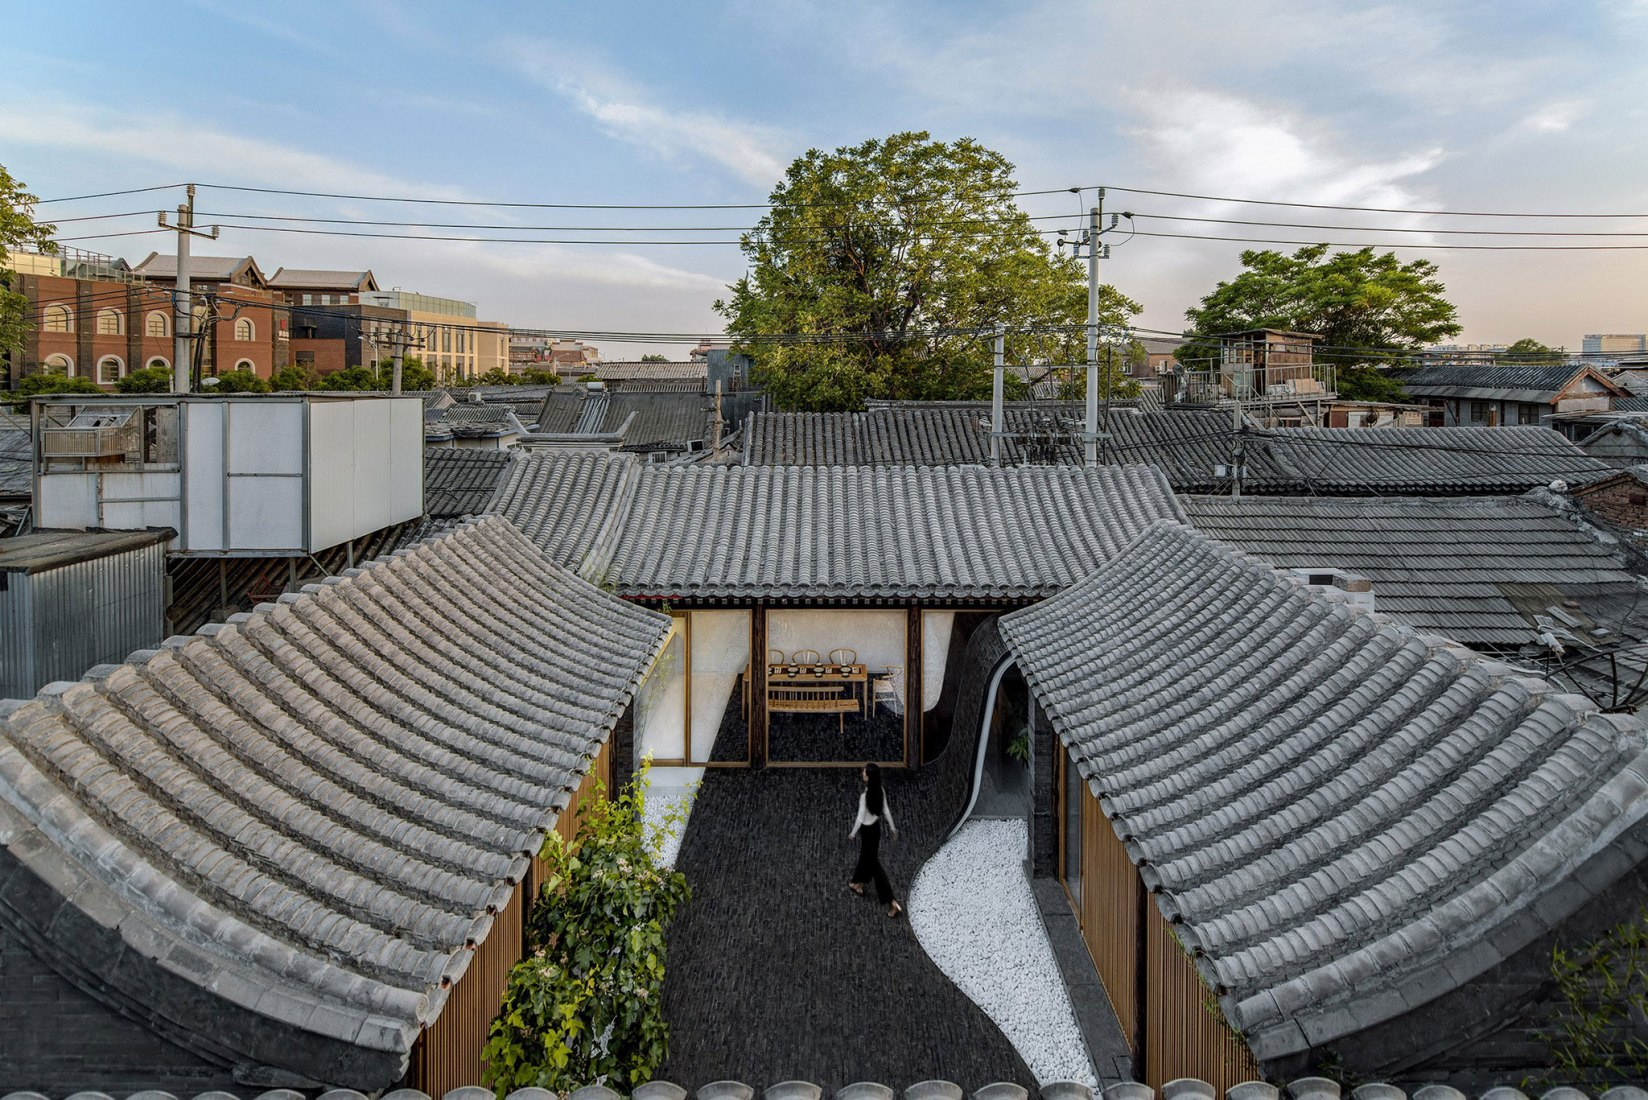 Vista general. Patio plegado por Archstudio. Fotografía © Wang Ning & Jin Weiqi.